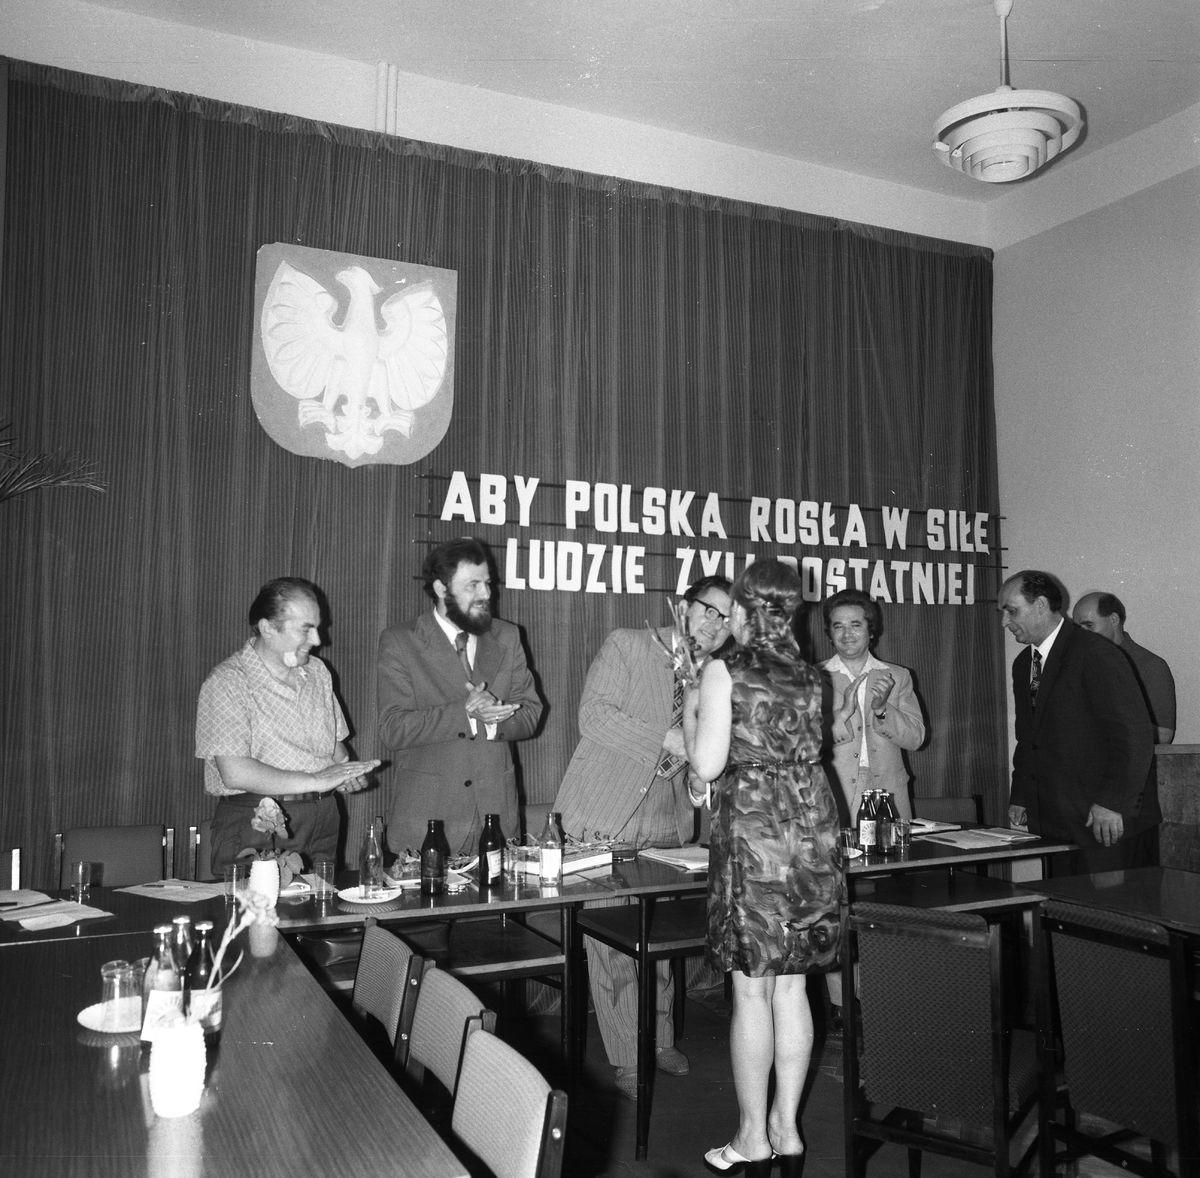 Uroczysta Sesja Miejskiej Rady Narodowej, 1975 r. [3]